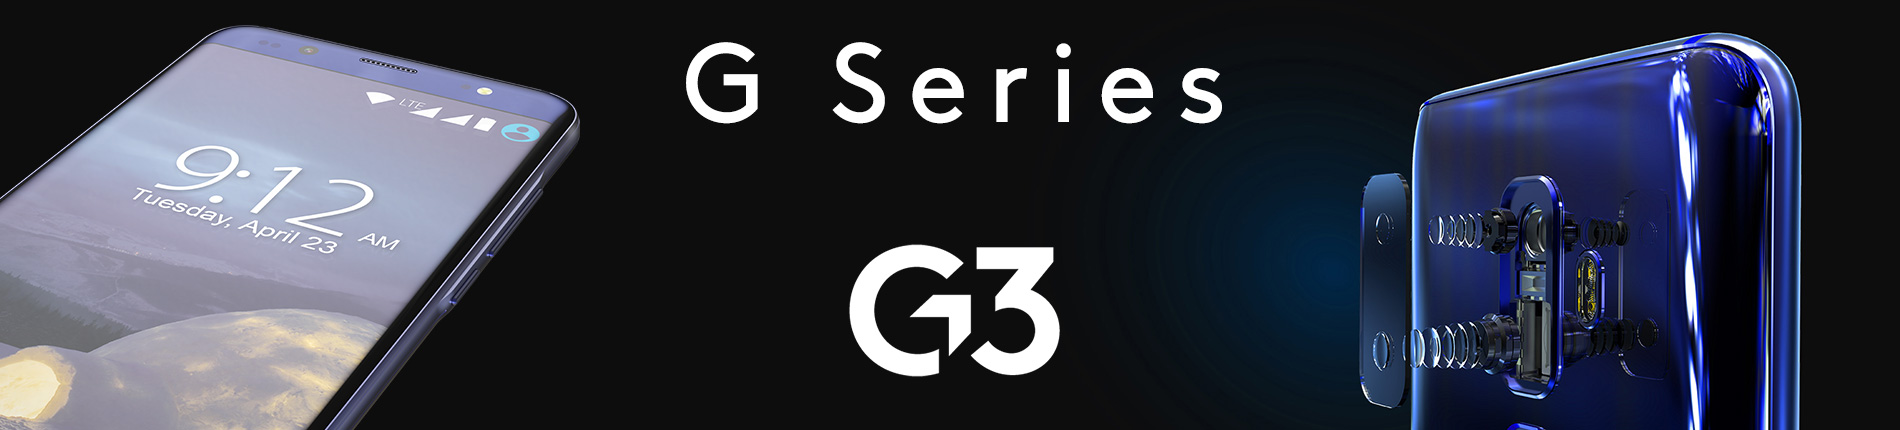 G Series Smartphones